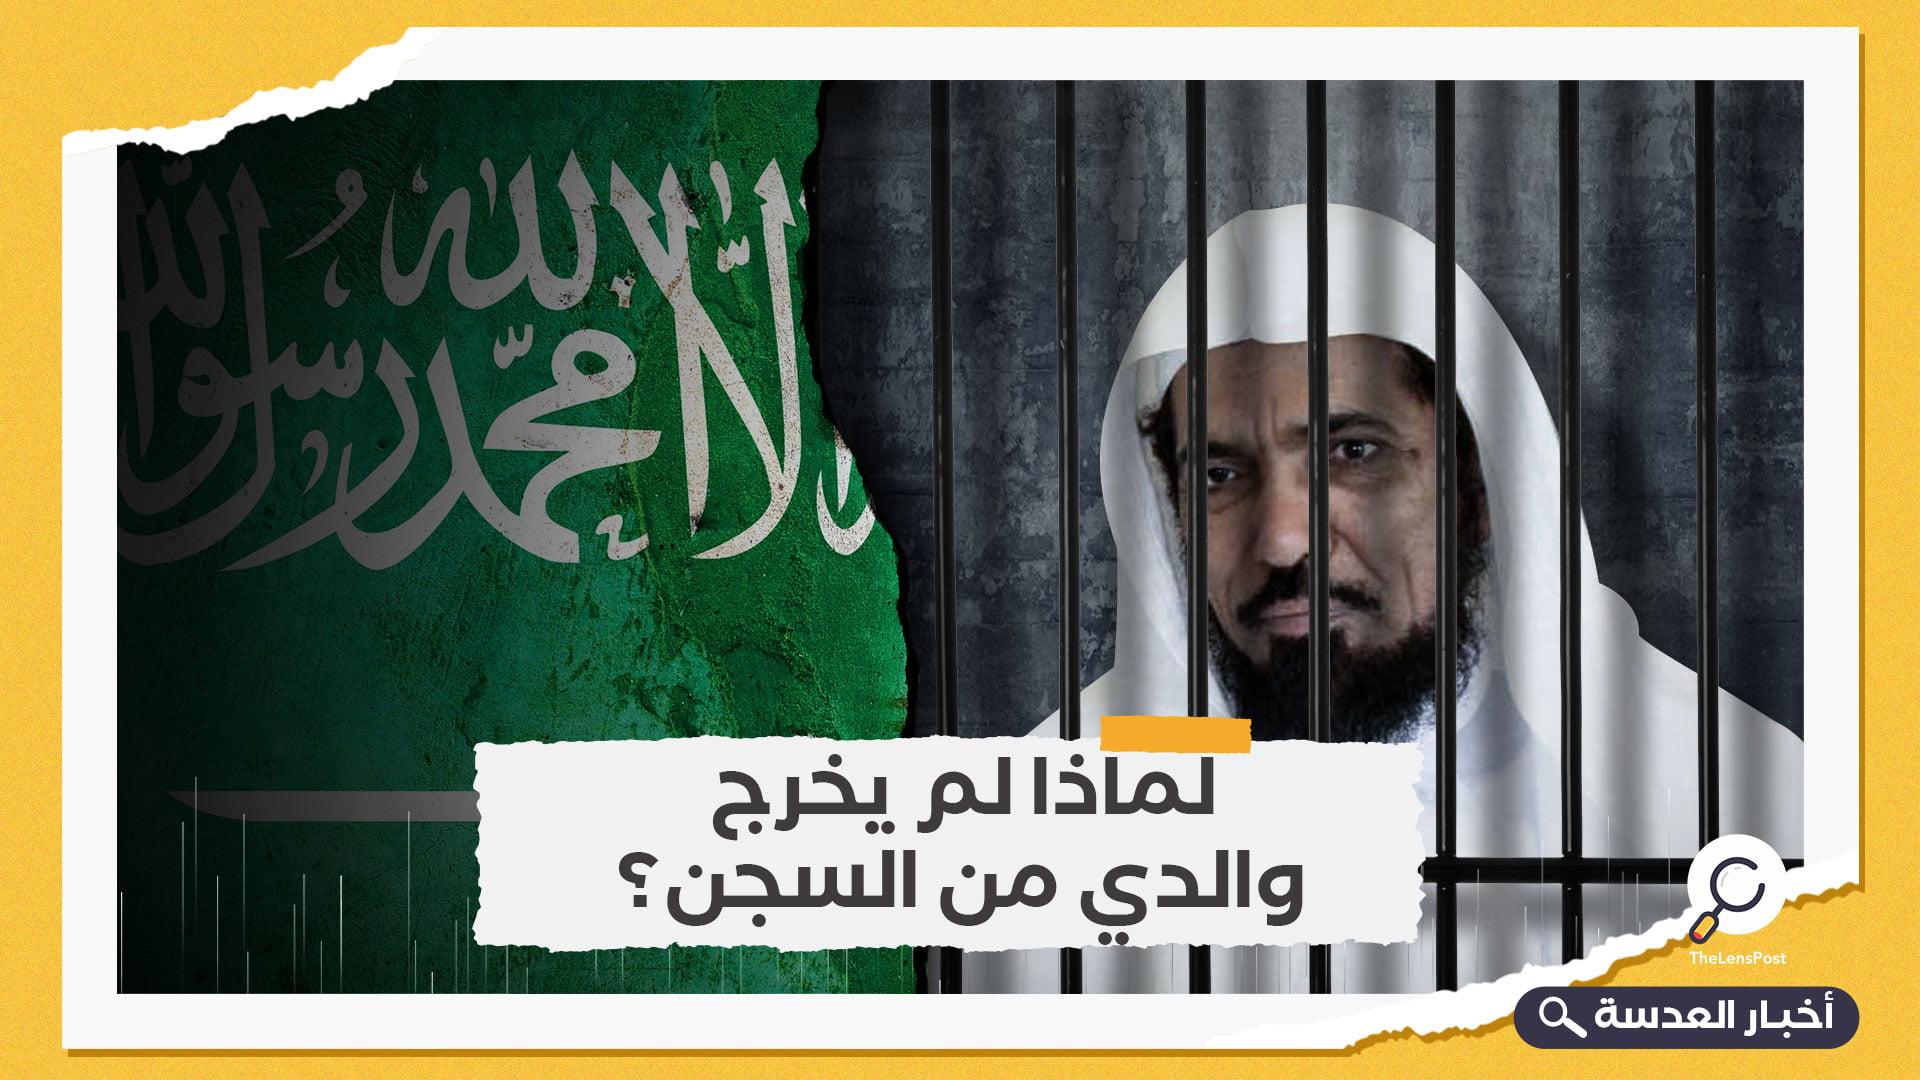 نجل العودة: حصار قطر انتهى ووالدي بقى بالسجن!